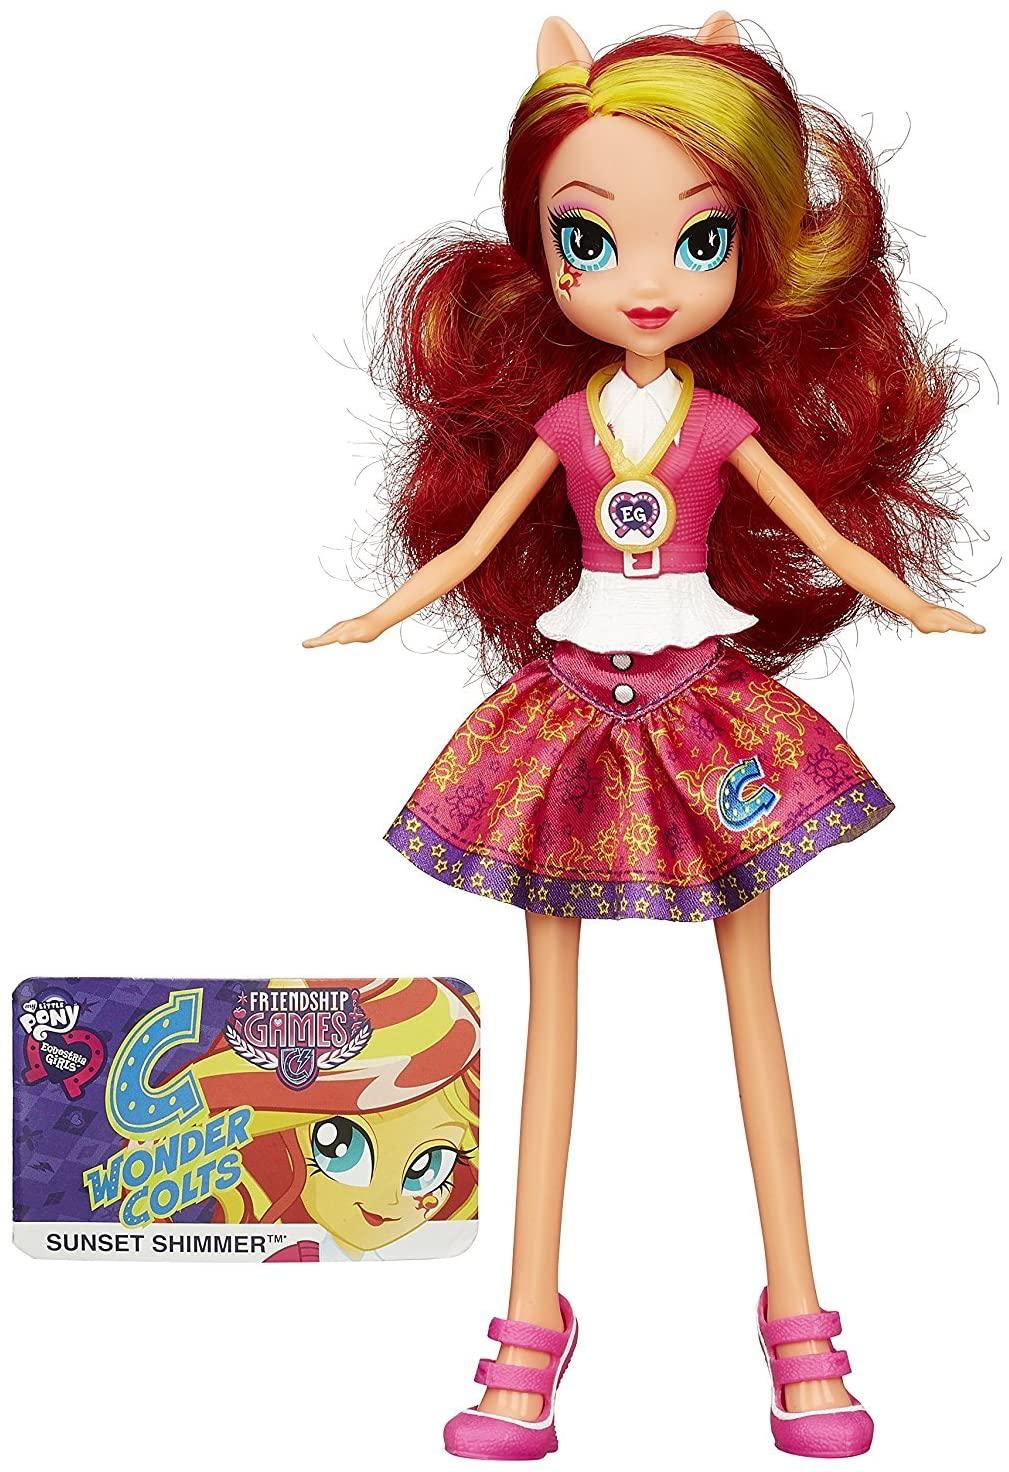 EG FG Sunset Shimmer Figure Doll 2